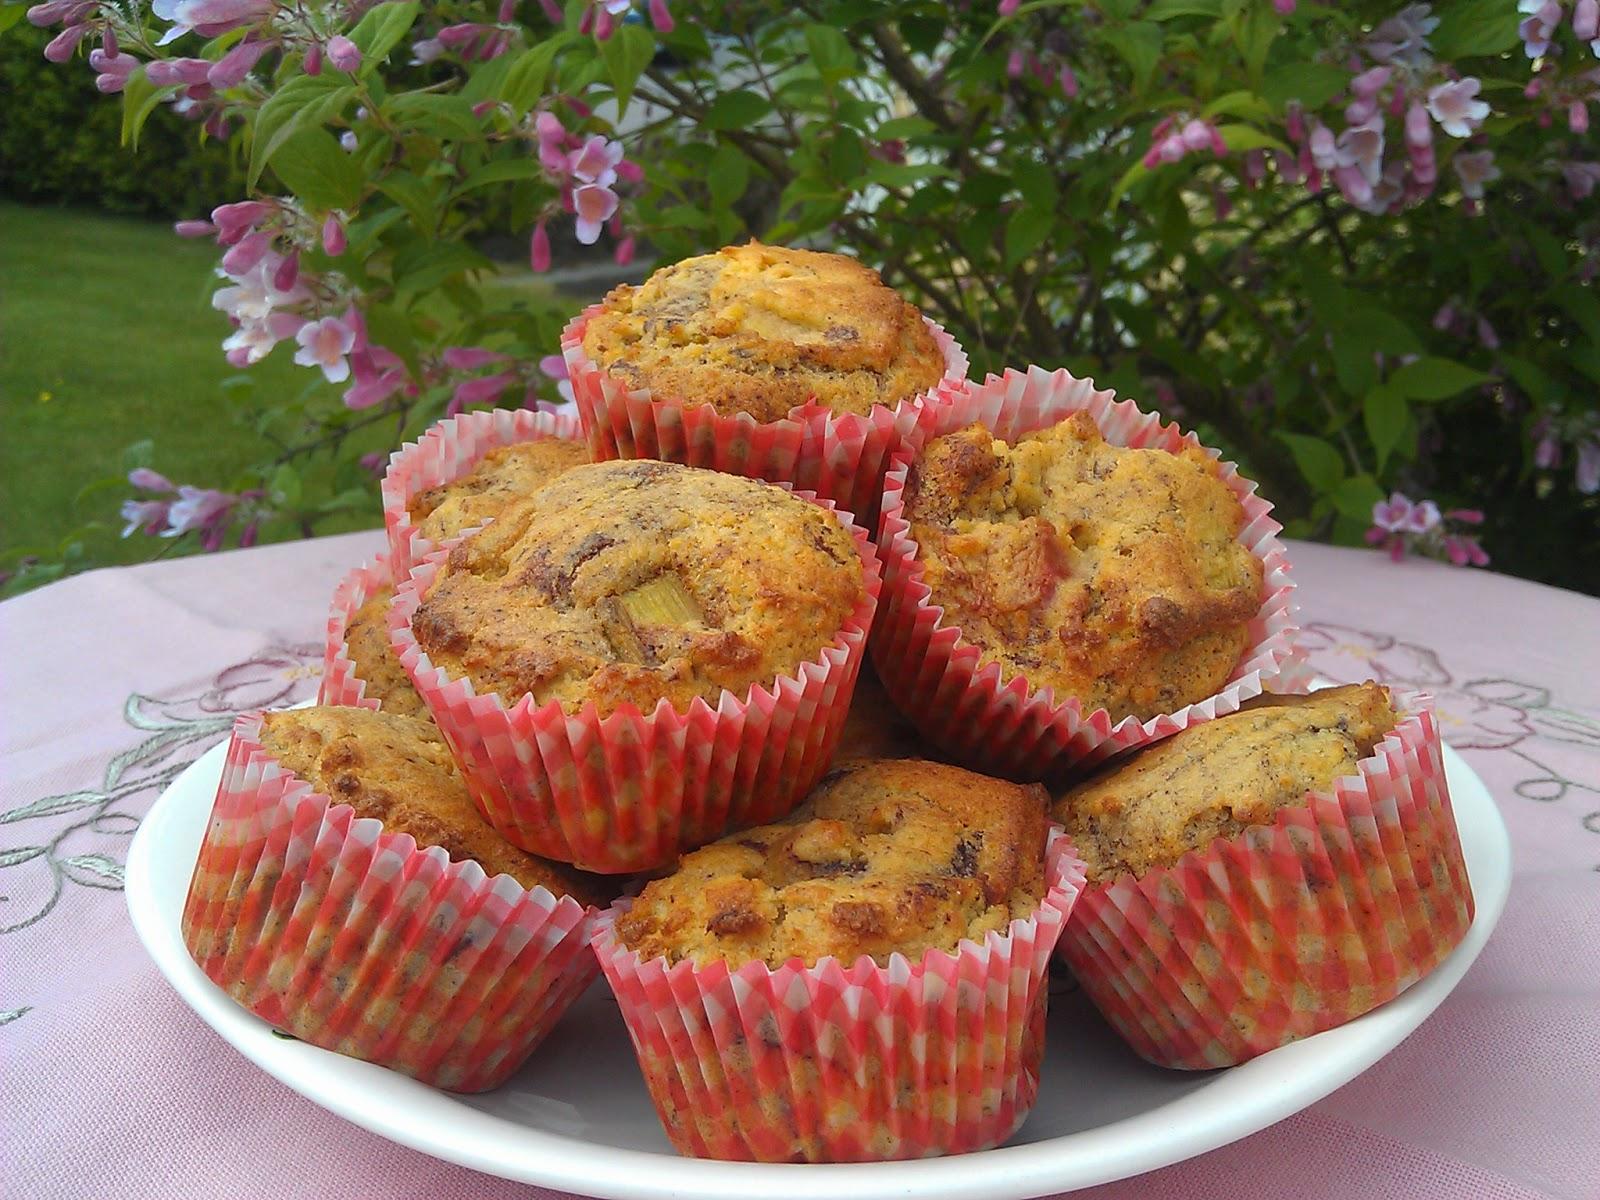 Kuidas poletada muffini top rasva kiiresti Toores mandlid kasu kaalulangus